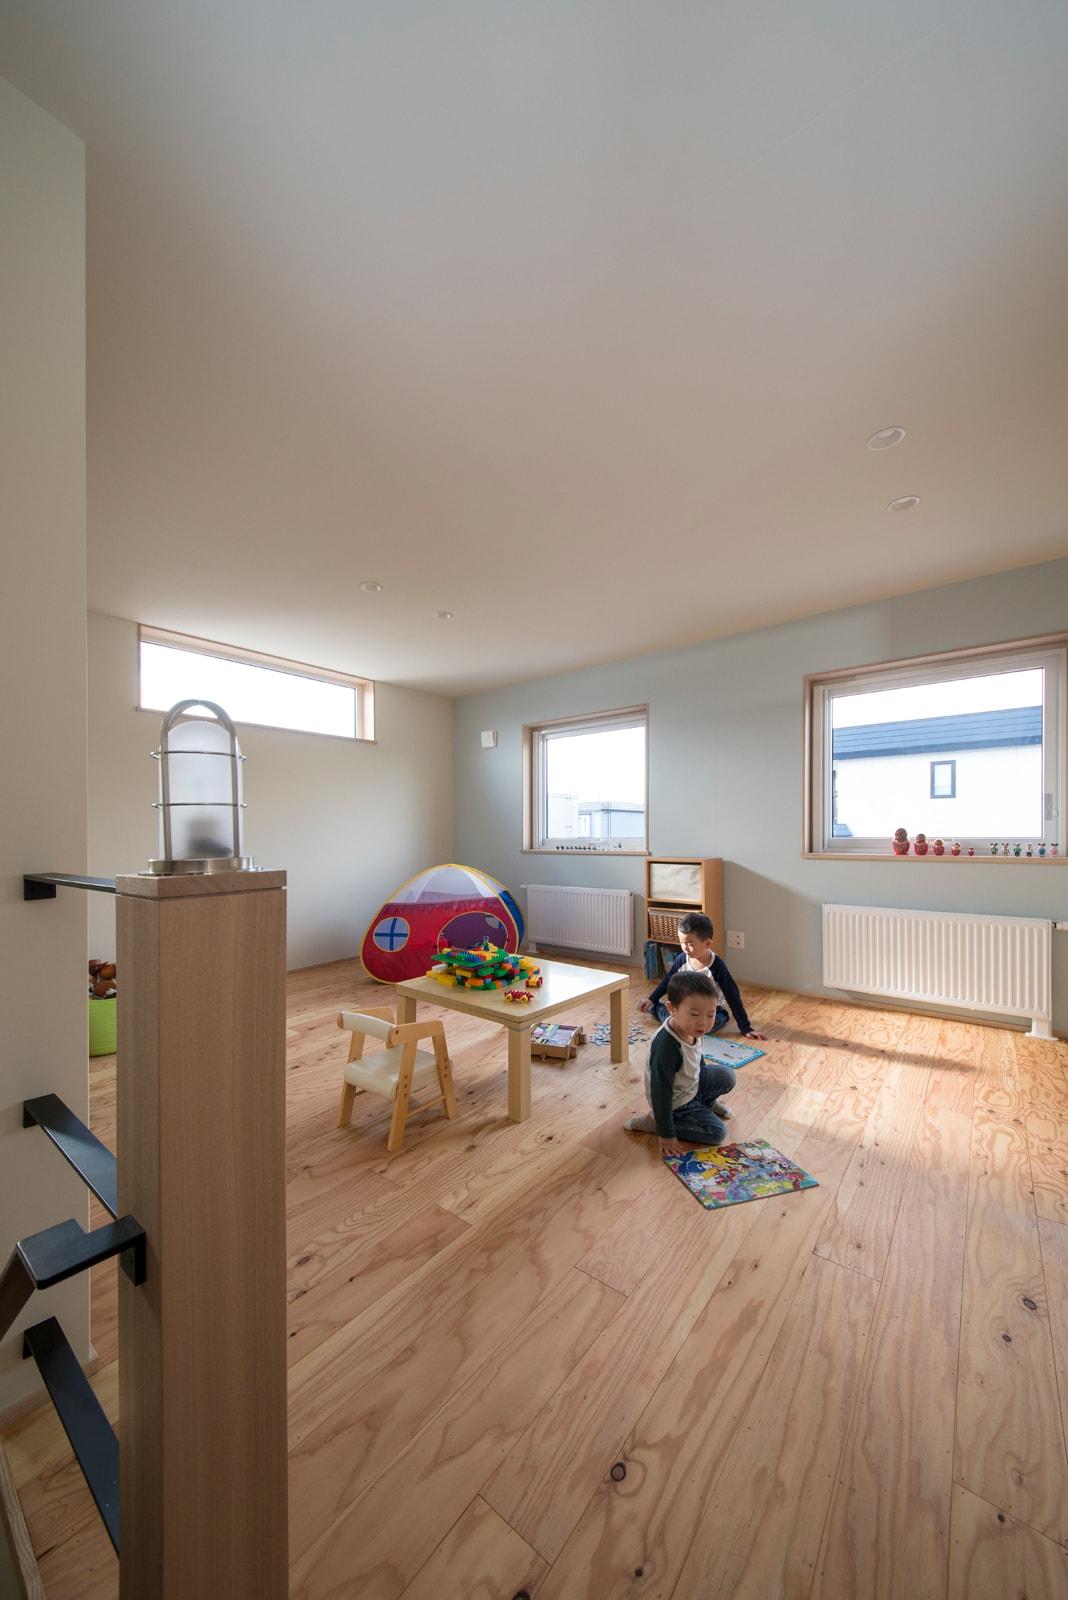 2階の半分を占めるホールがそのまま子ども部屋